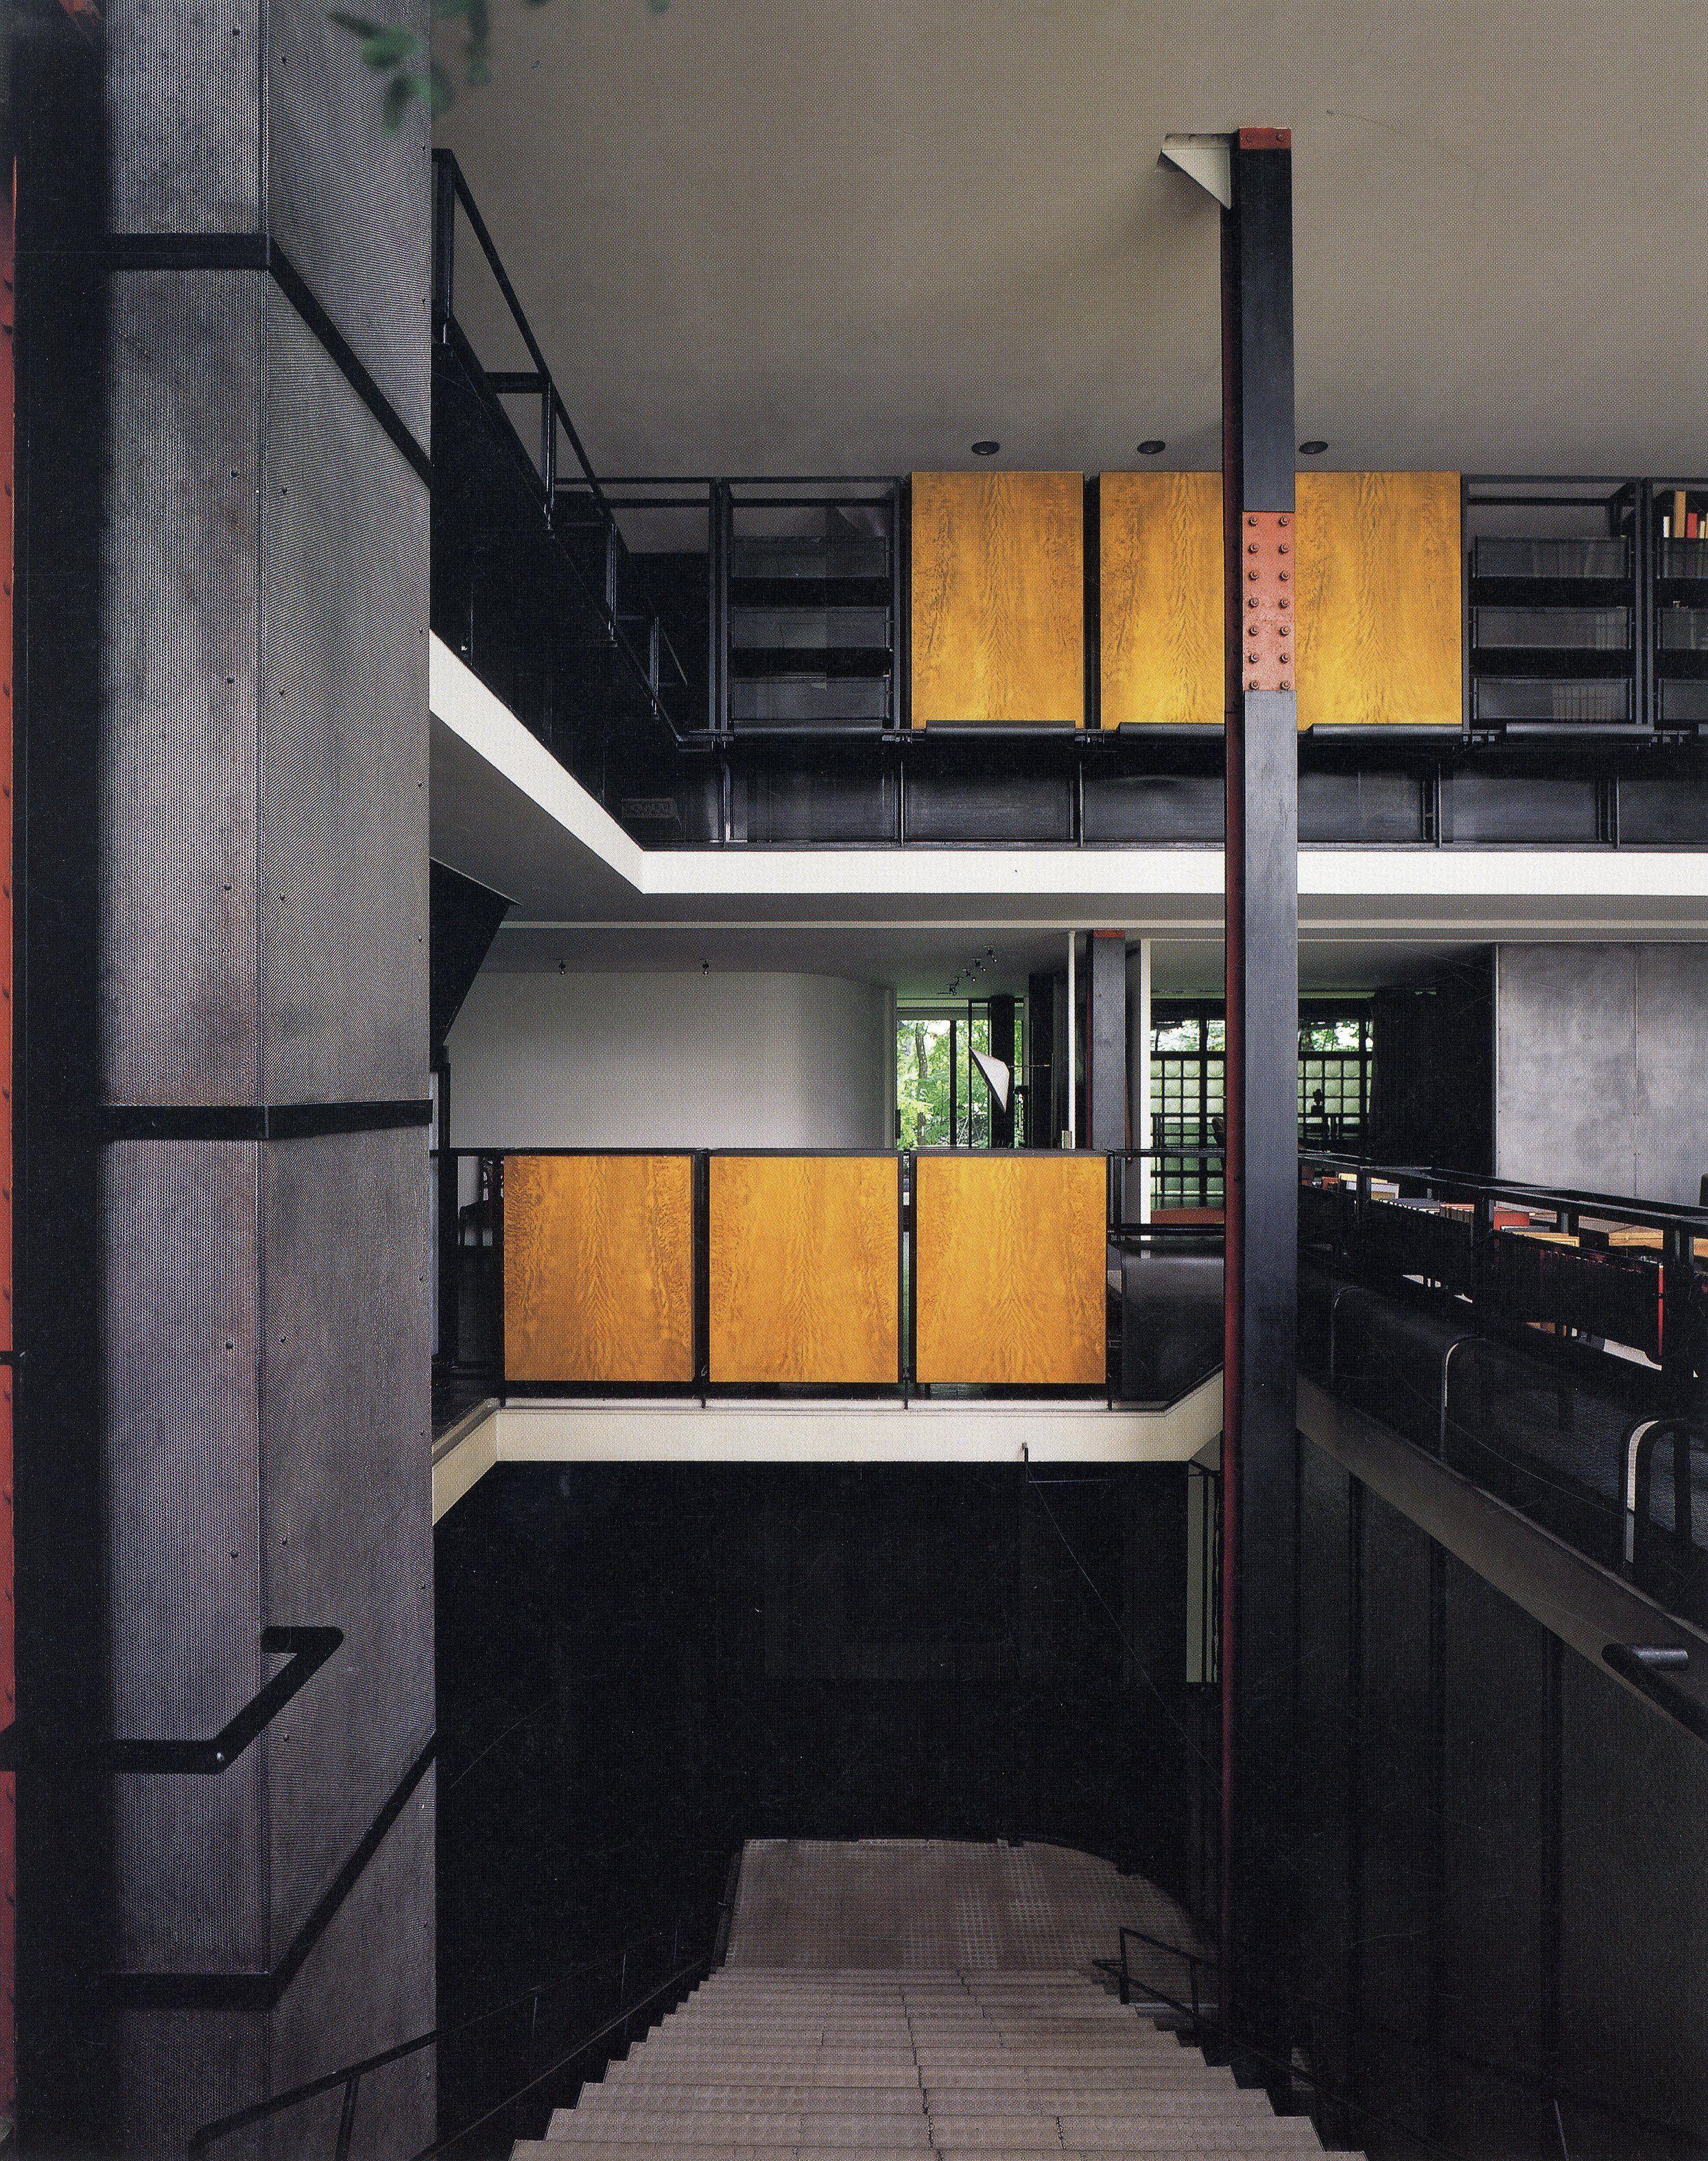 Pierre Chareau S Maison De Verre Built In Paris In 1928 Glass House Architecture Landmark House Styles